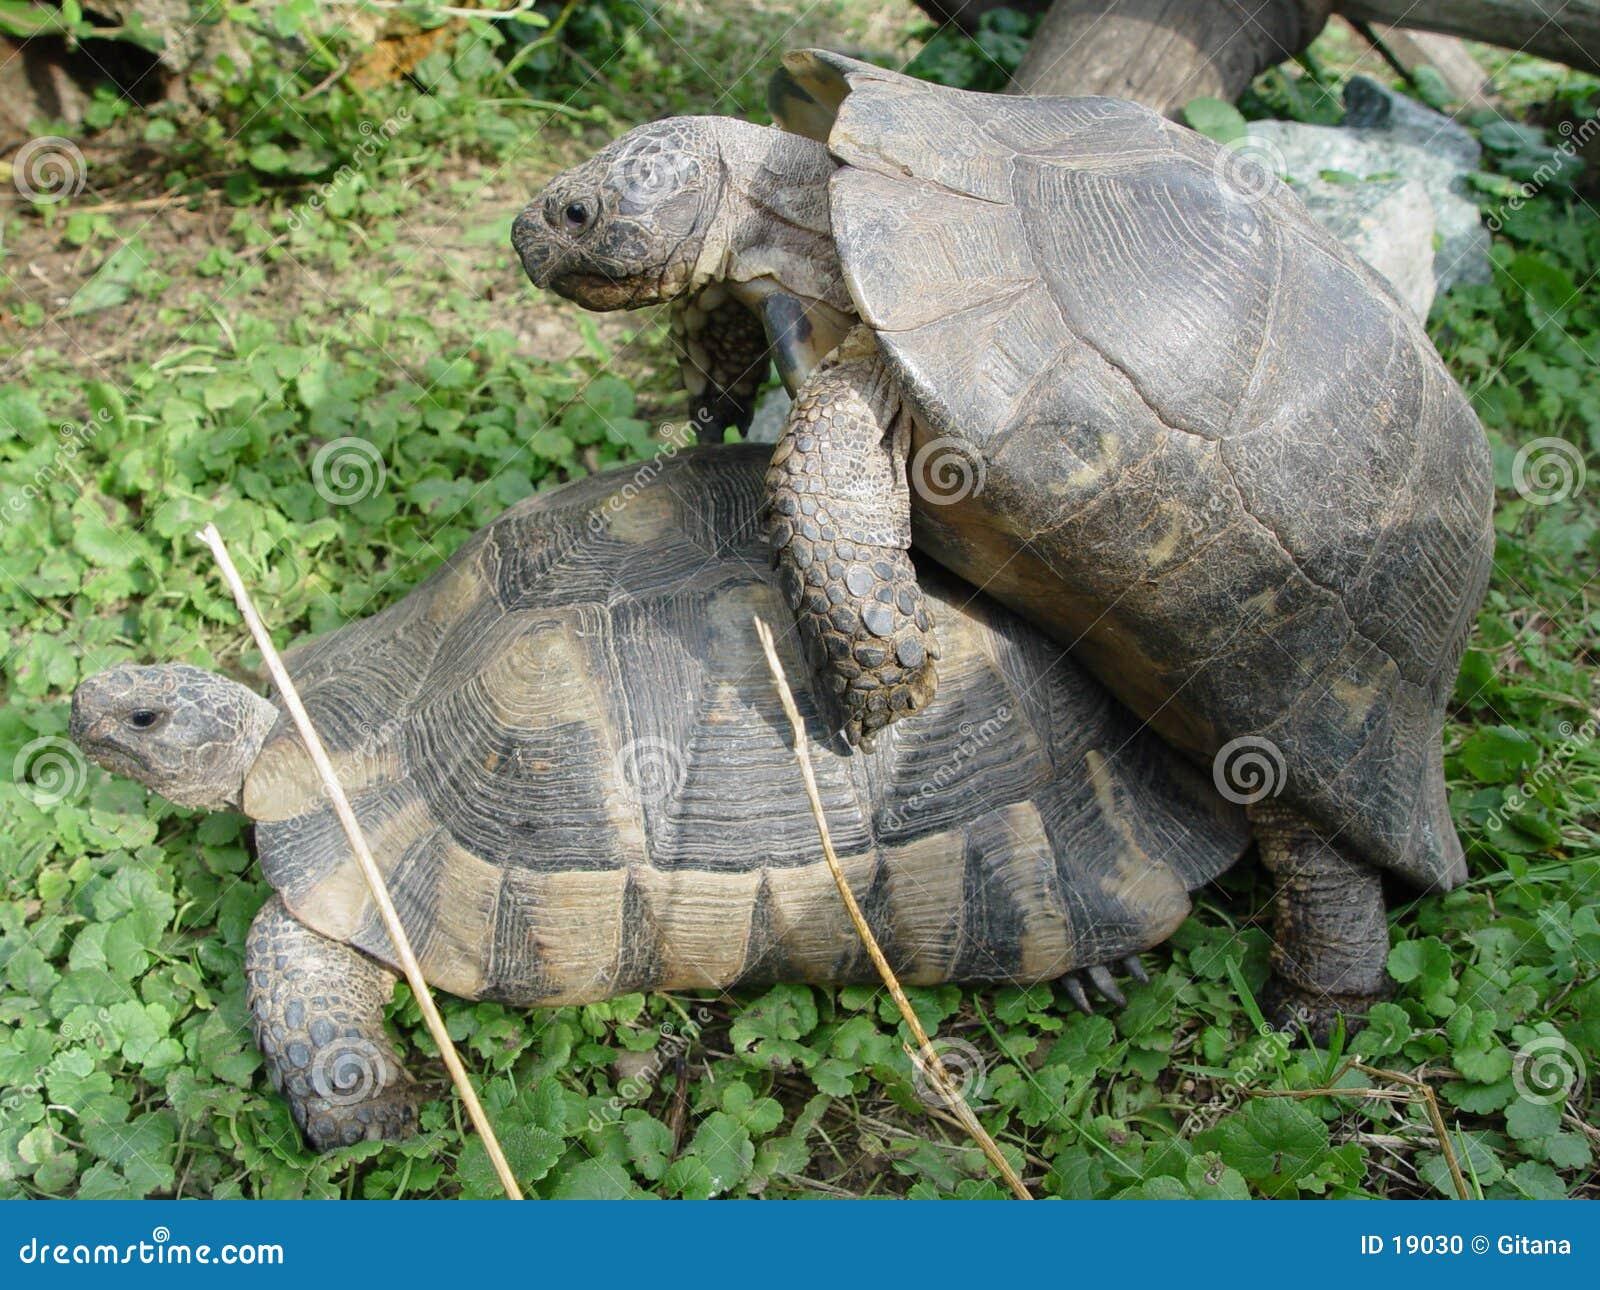 Tartaruga na ligação sexual